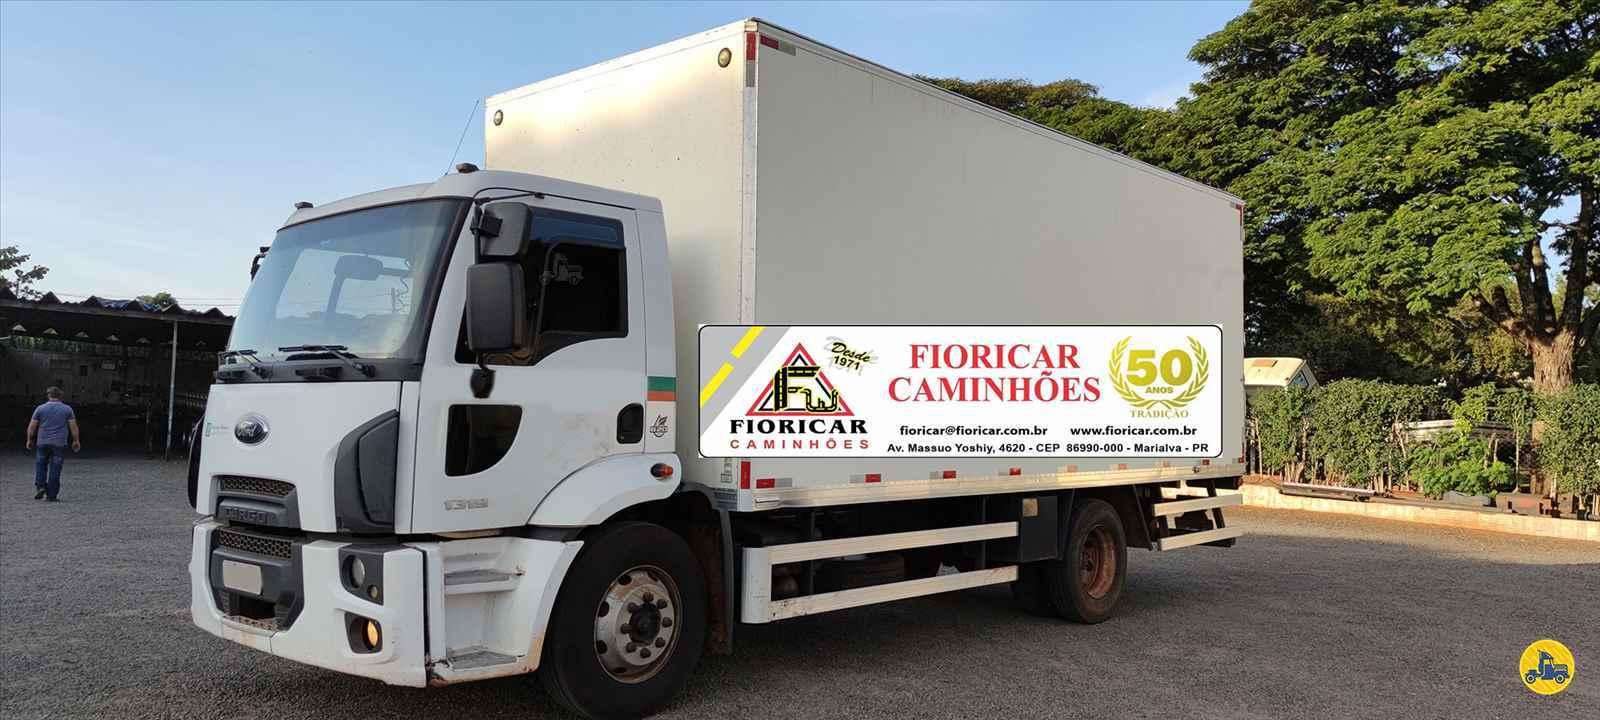 CARGO 1319 de Fioricar Caminhões - MARIALVA/PR